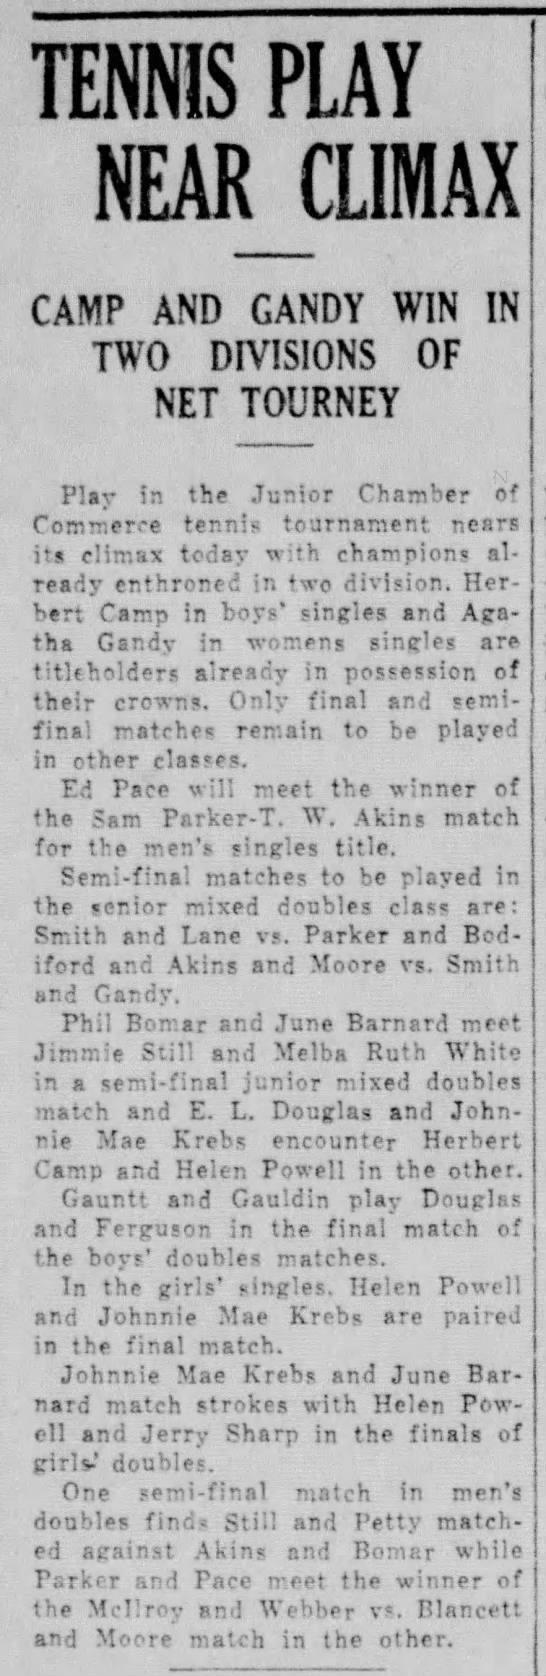 The Vernon Daily Record, TX, 14 Jun 1937 p4 c1